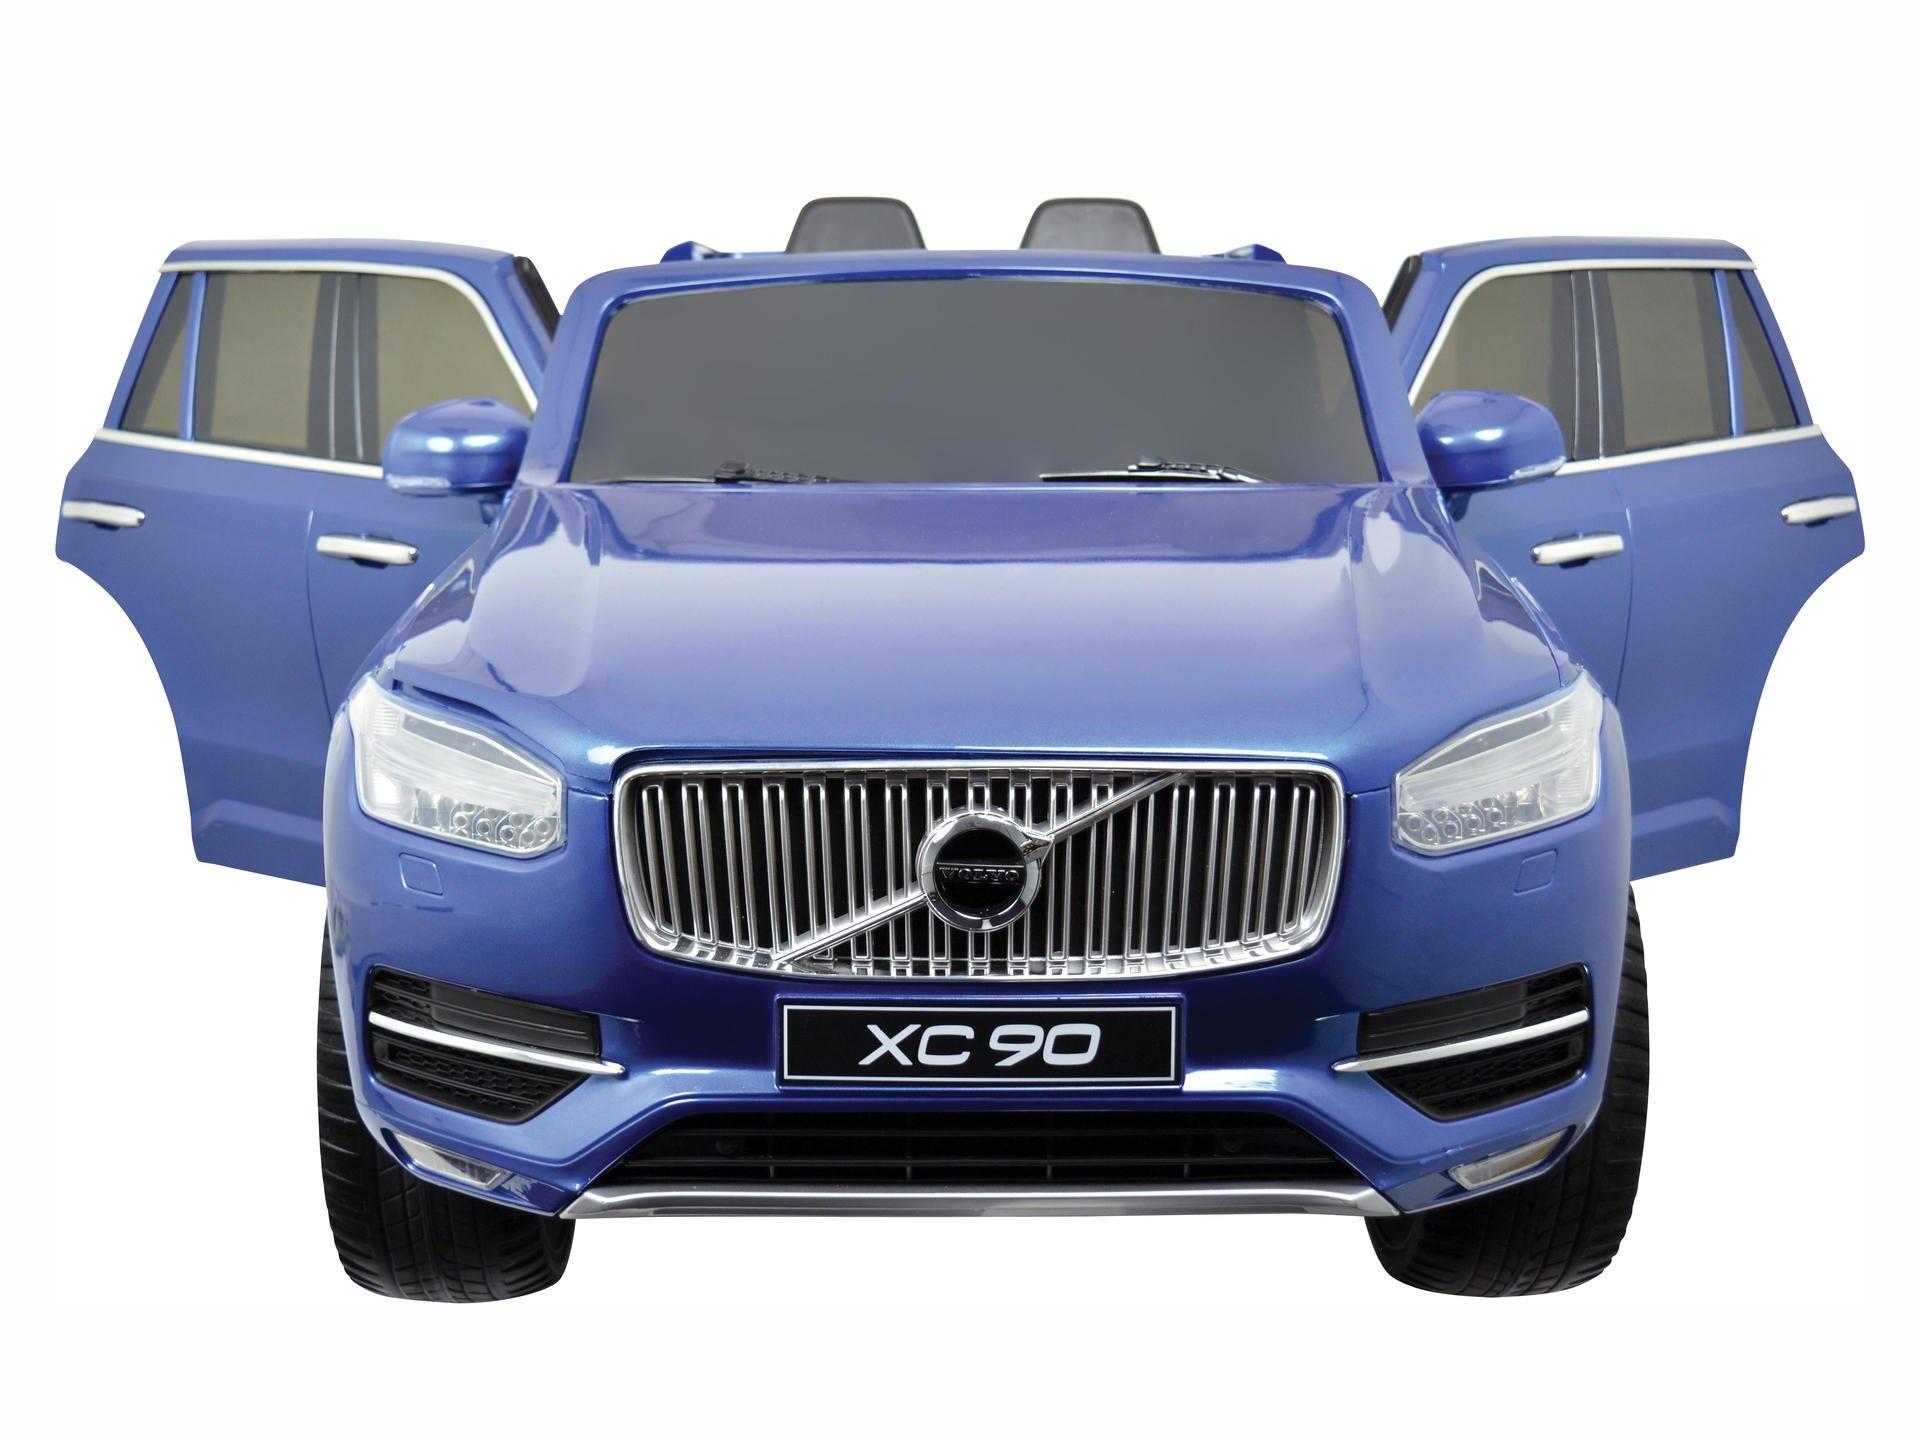 Volvo XC90 battery 12V car blue - Giga-Bikes Tilburg